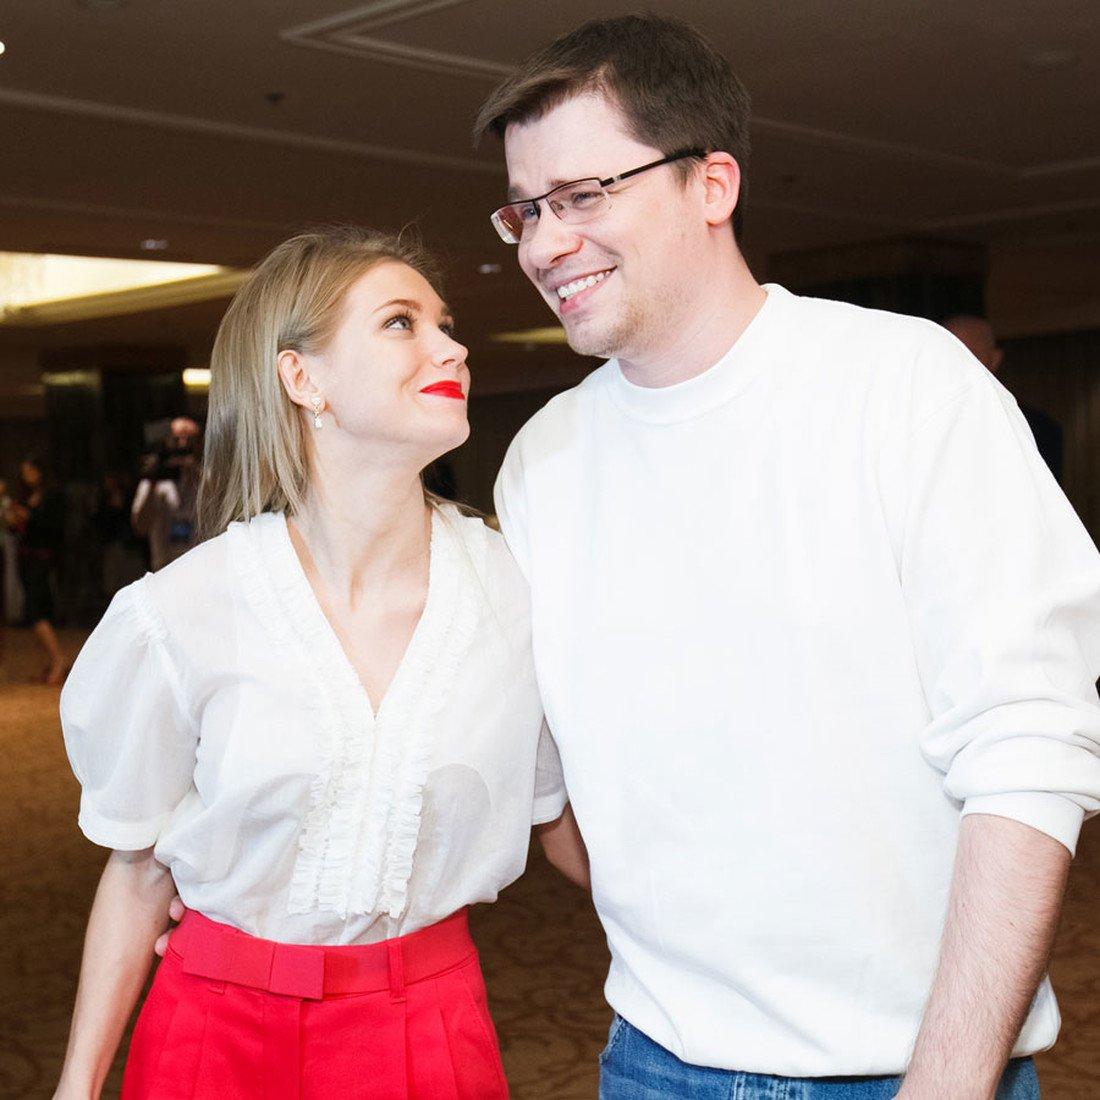 Кристина Асмус поделилась совместным снимком с мужем